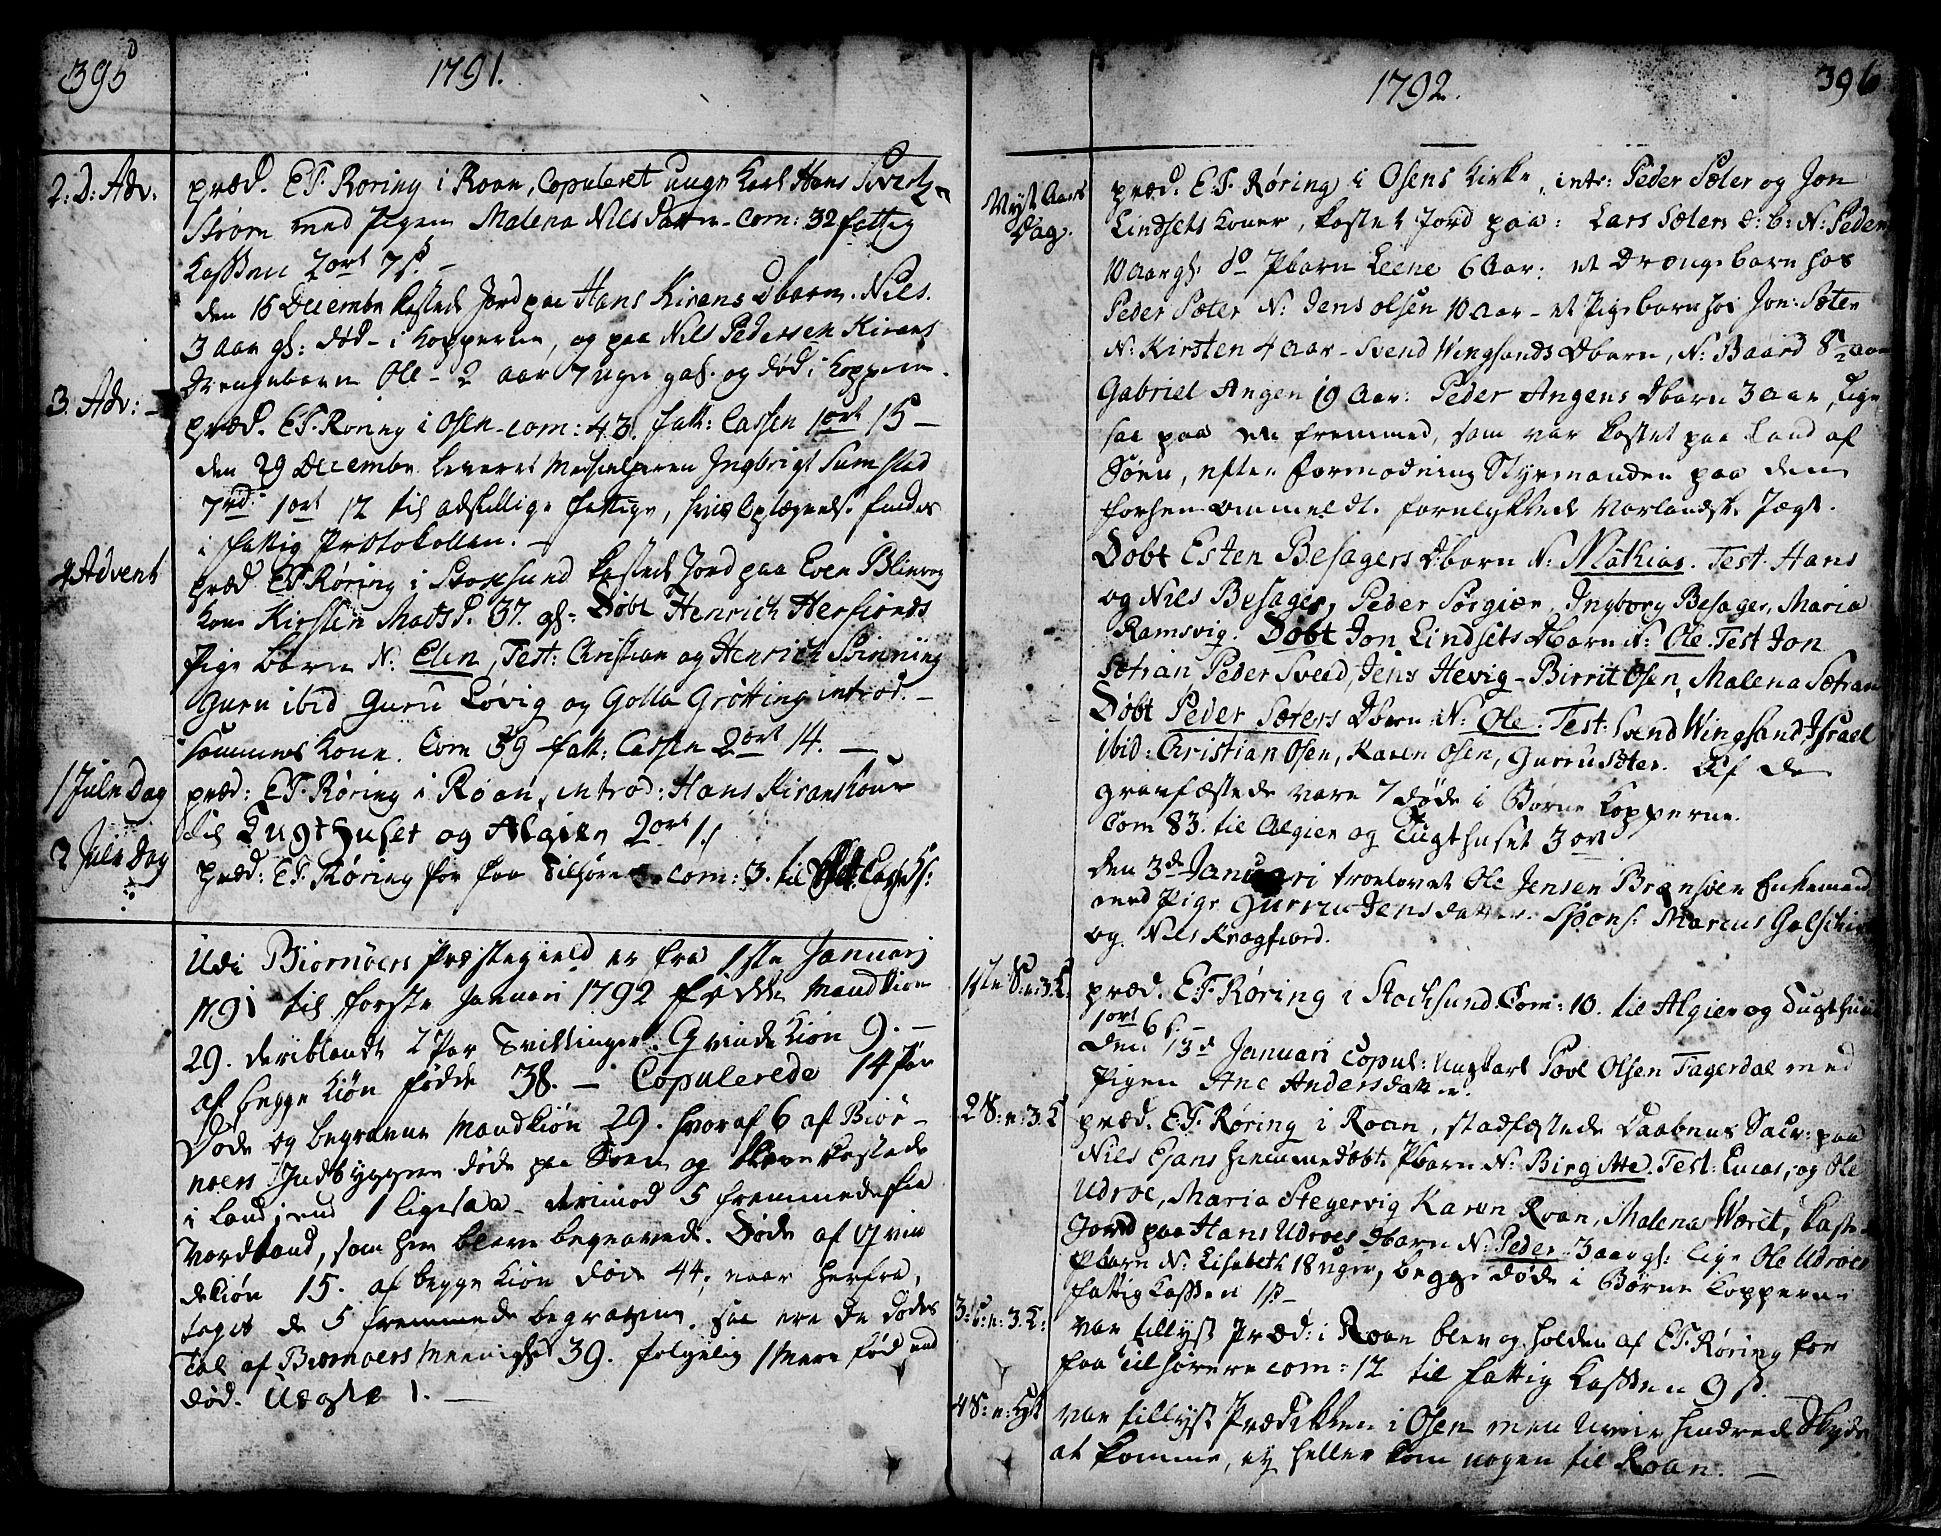 SAT, Ministerialprotokoller, klokkerbøker og fødselsregistre - Sør-Trøndelag, 657/L0700: Ministerialbok nr. 657A01, 1732-1801, s. 395-396